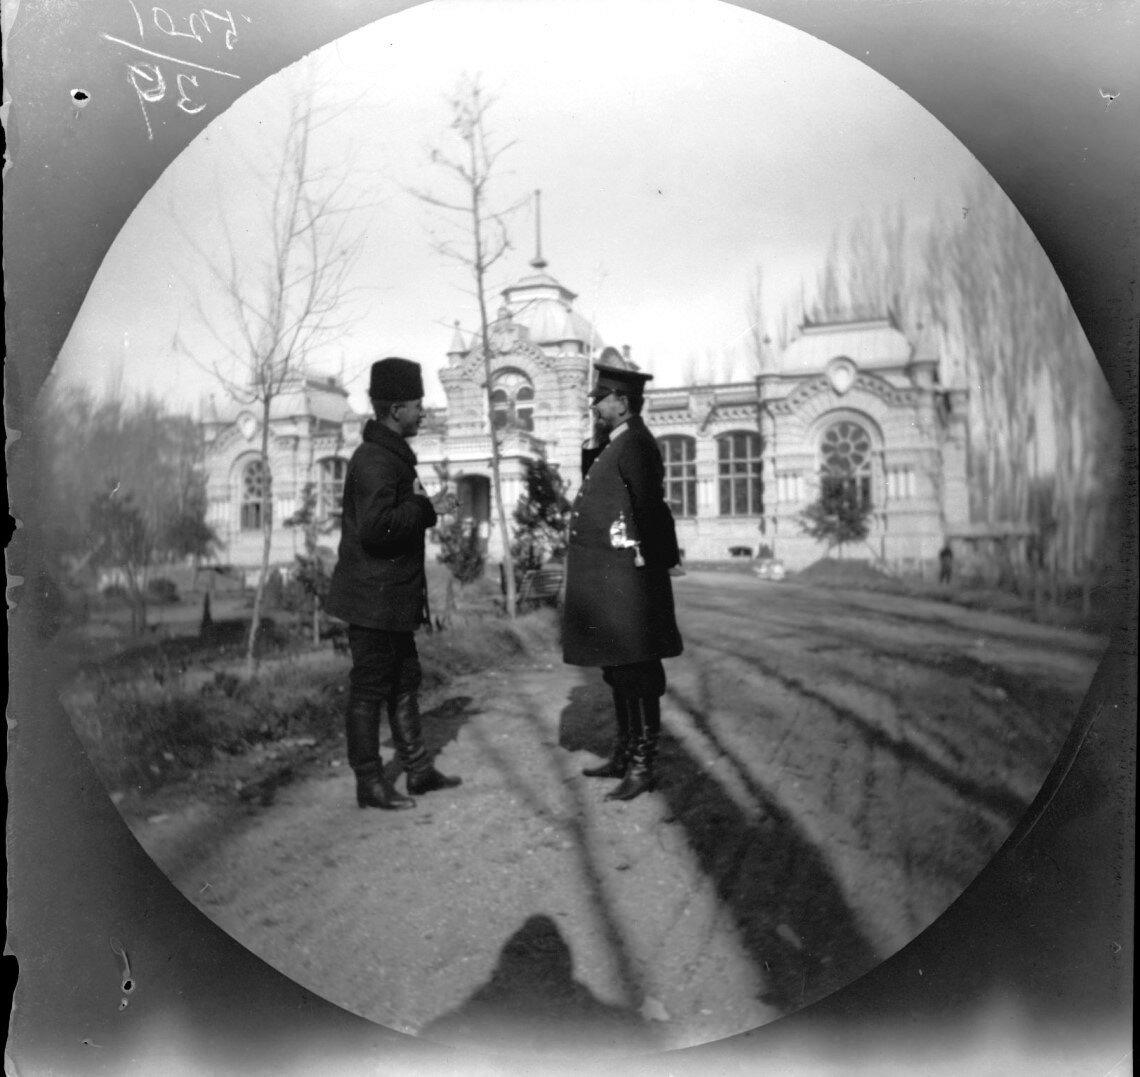 22 ноября. Ташкент. Уильям Захтлебен перед дворцом Николая Константиновича